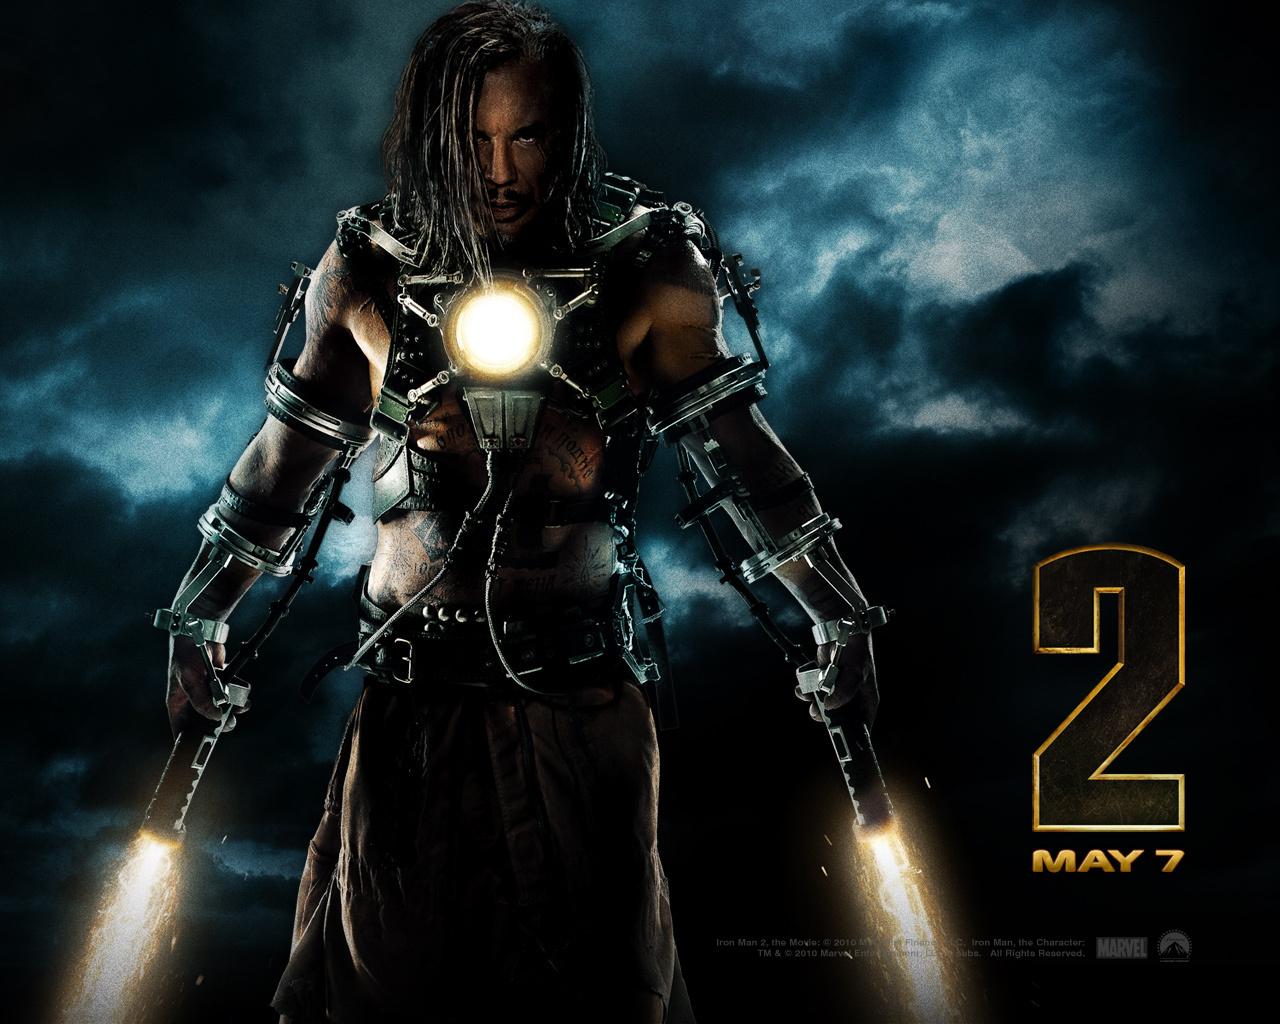 iron man 2 2010 upcoming movies wallpaper 11876092